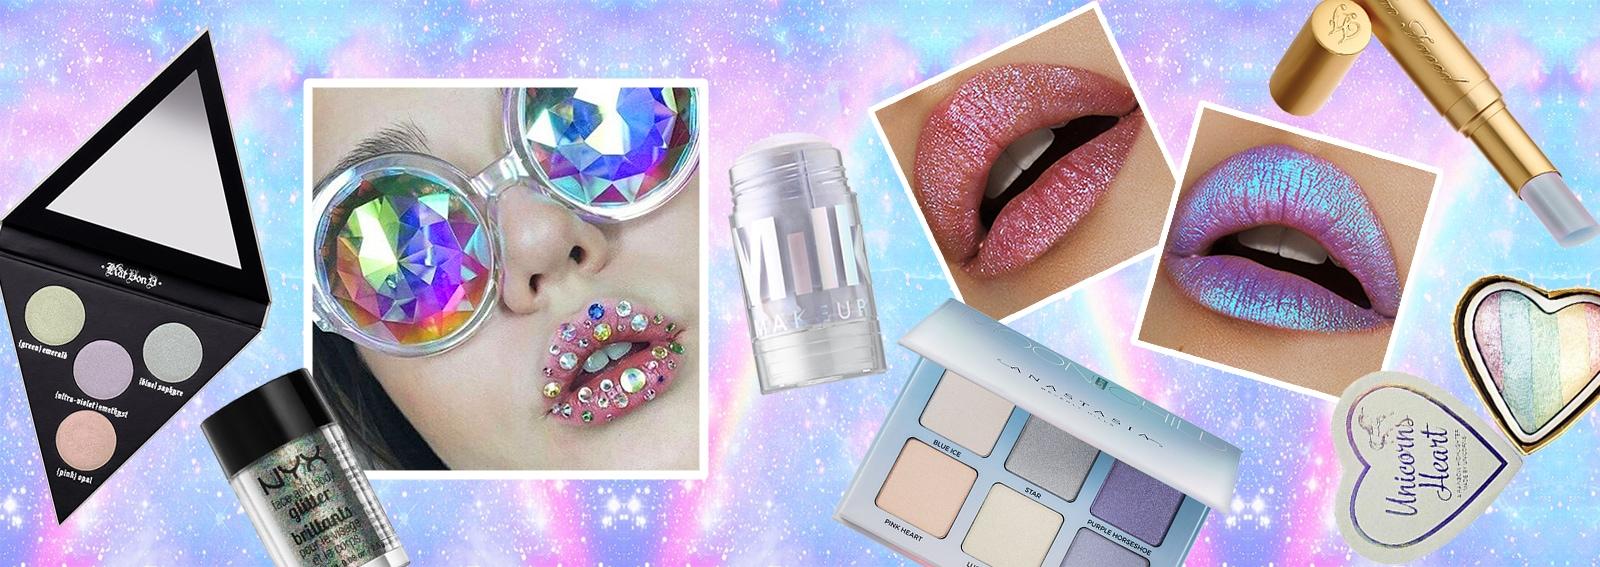 make up olografico collage_desktop